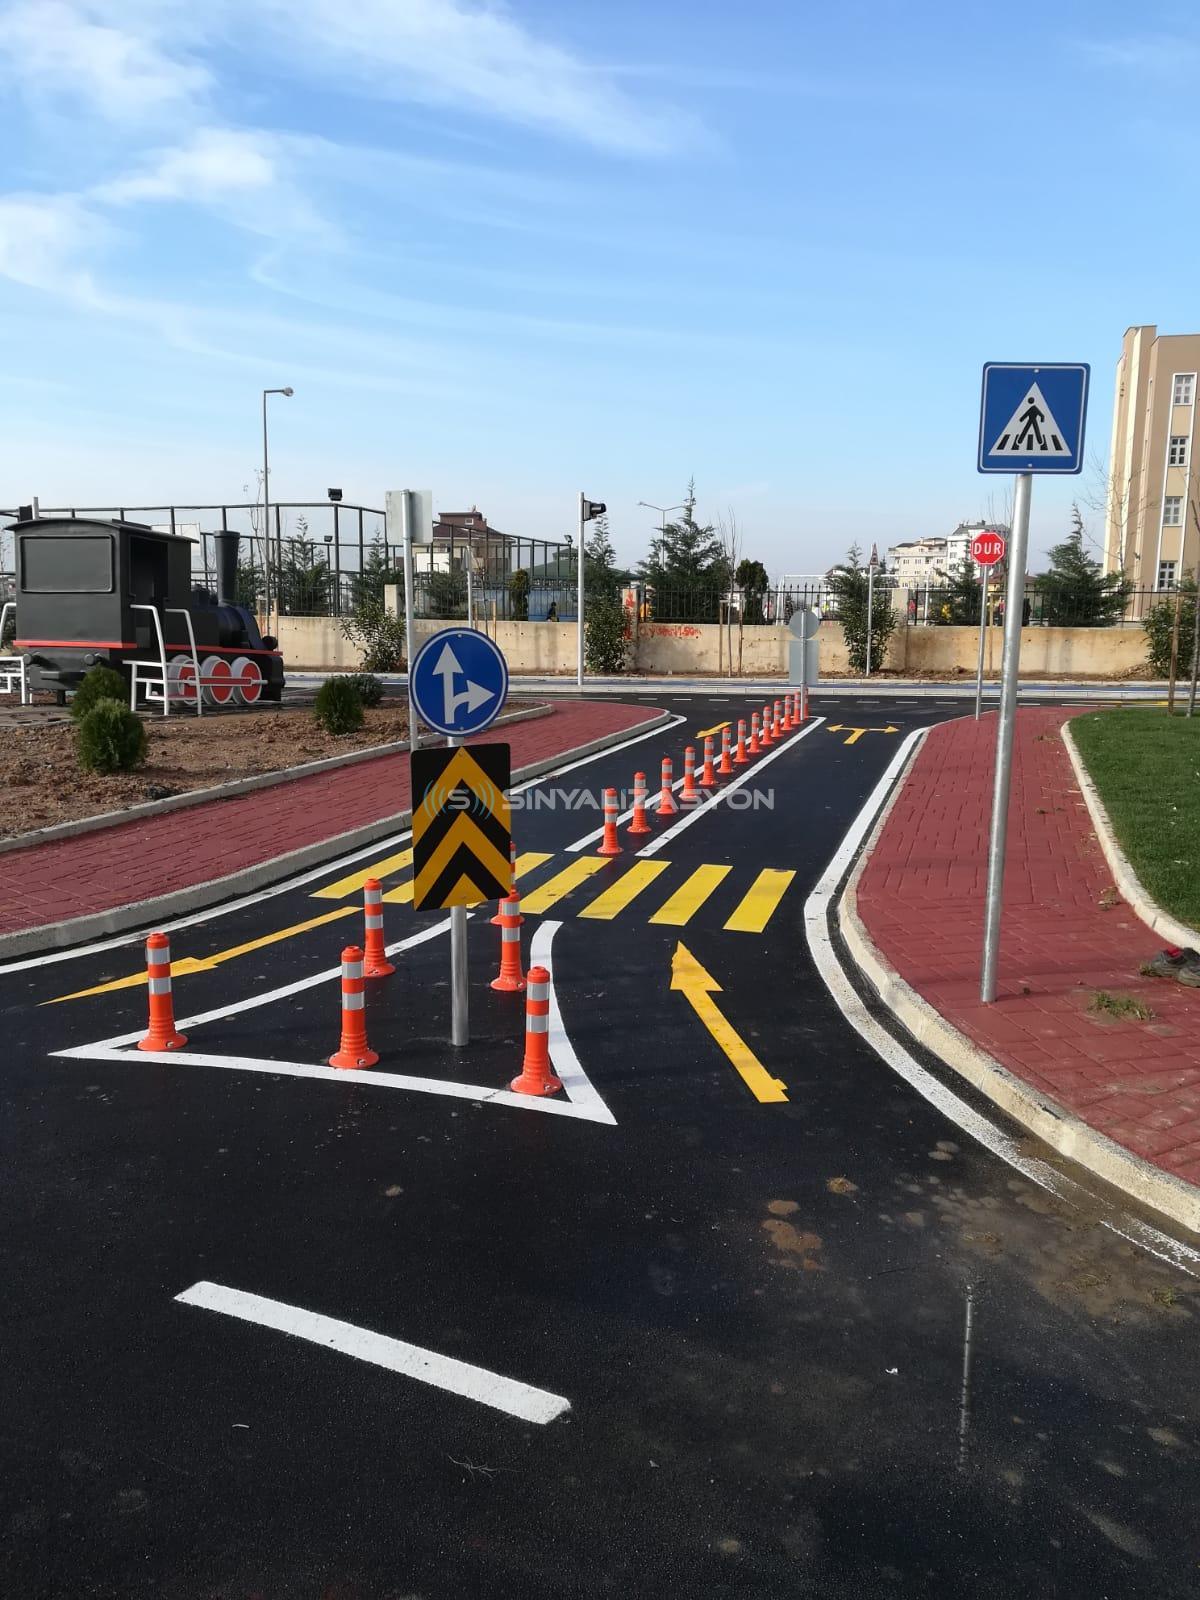 Çayırova Belediyesi için Trafik Eğitim Parkı Sinyalizasyon seti kurulumu gerçekleştirildi